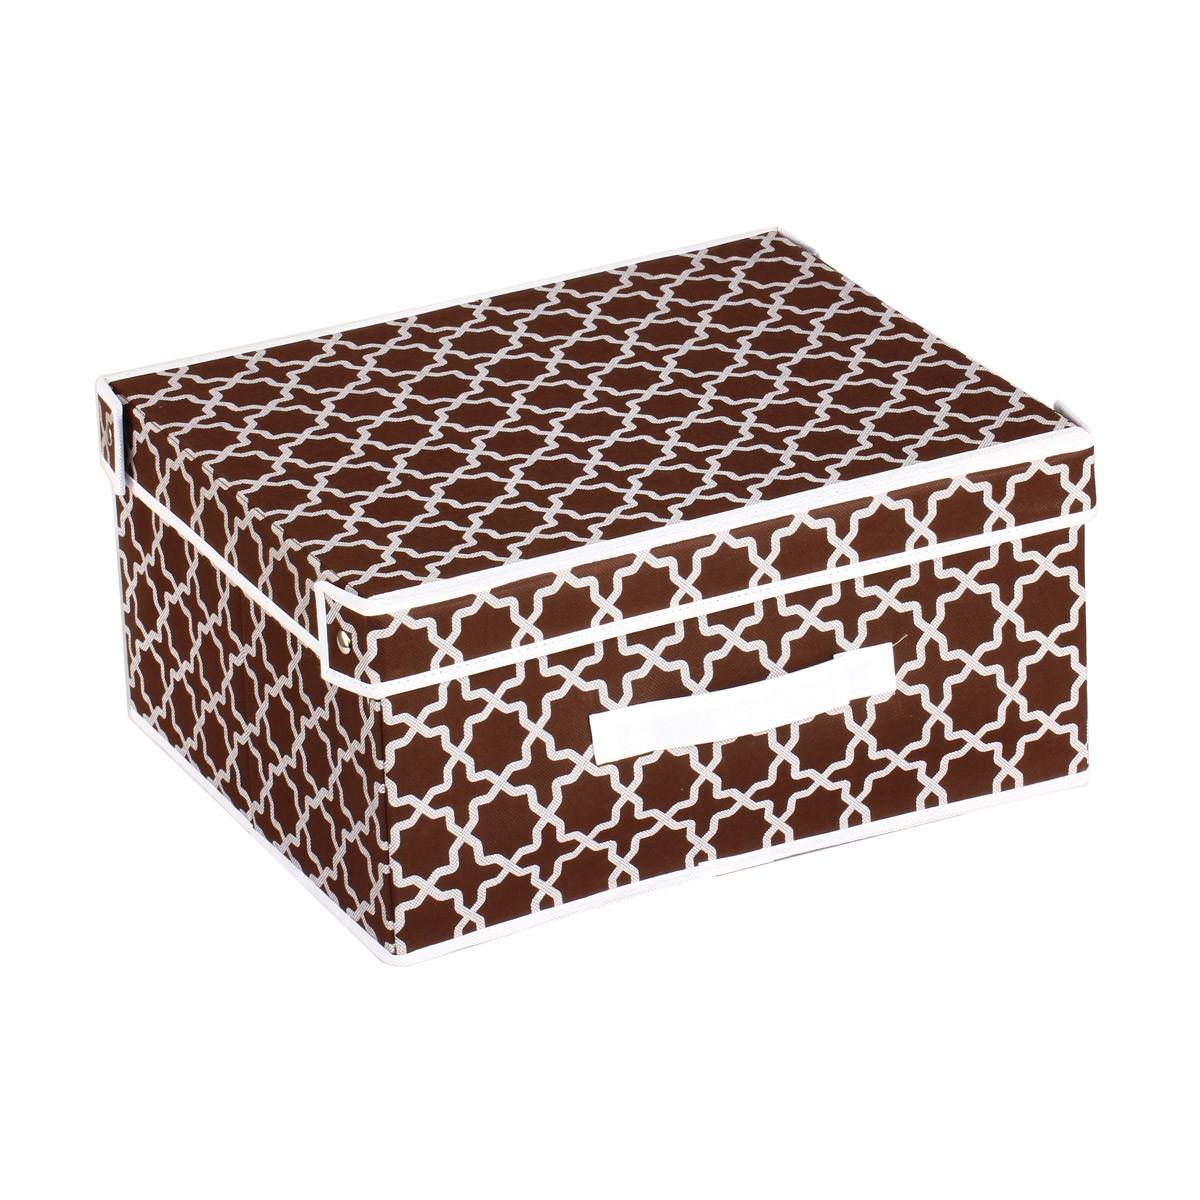 Κουτί Τακτοποίησης (33x28x15) εstia 03-4934 Brown home   κρεβατοκάμαρα   οργάνωση ντουλάπας